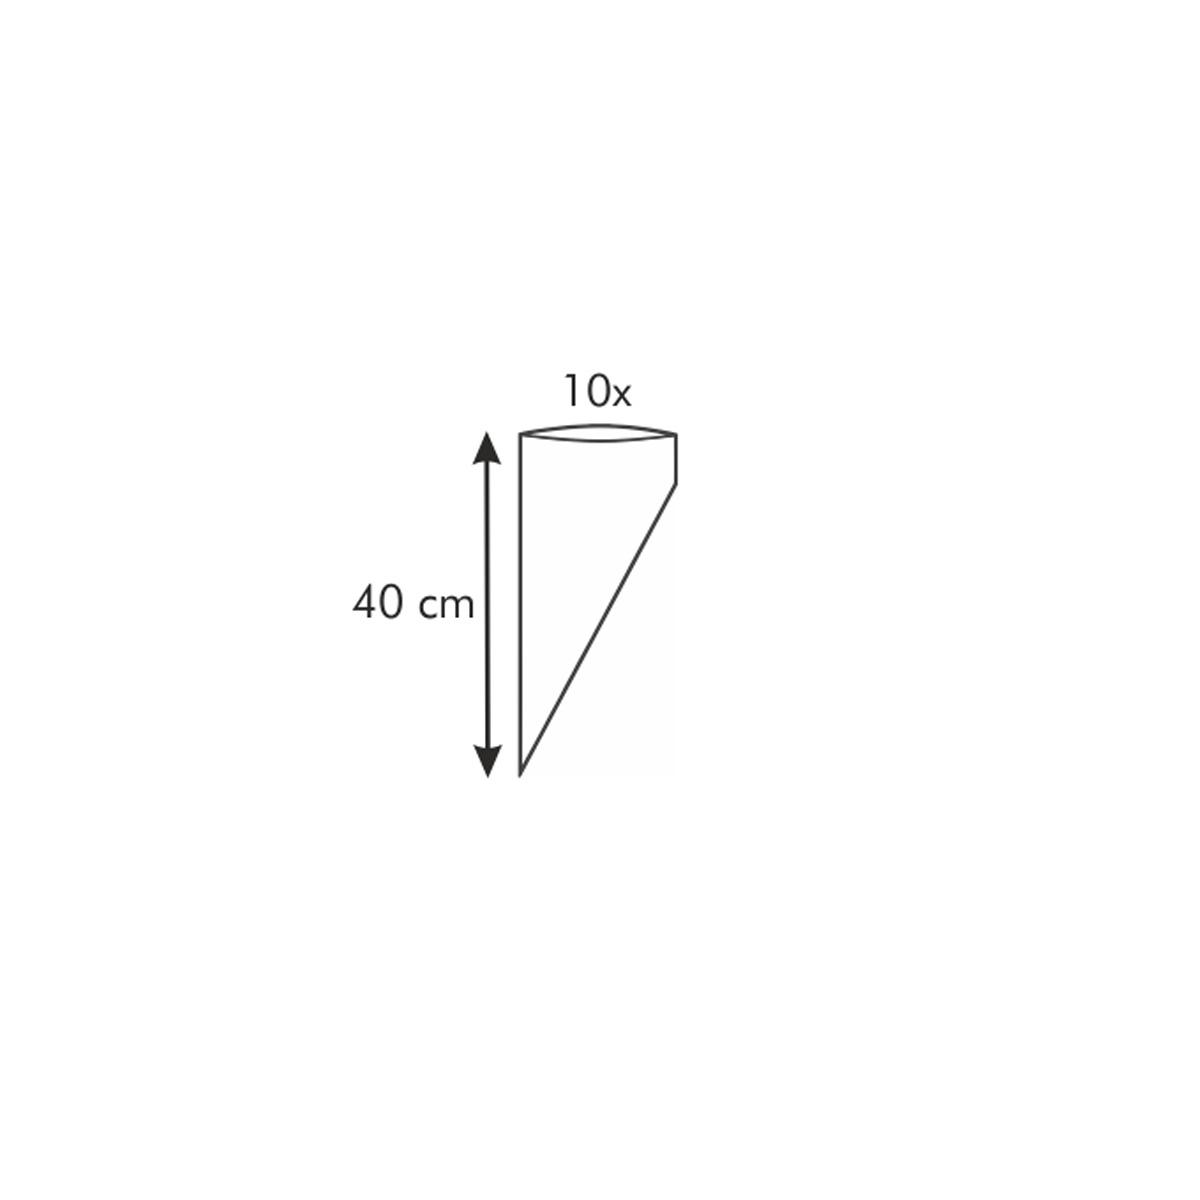 Zdobicí sáček DELÍCIA 40 cm, 10 ks